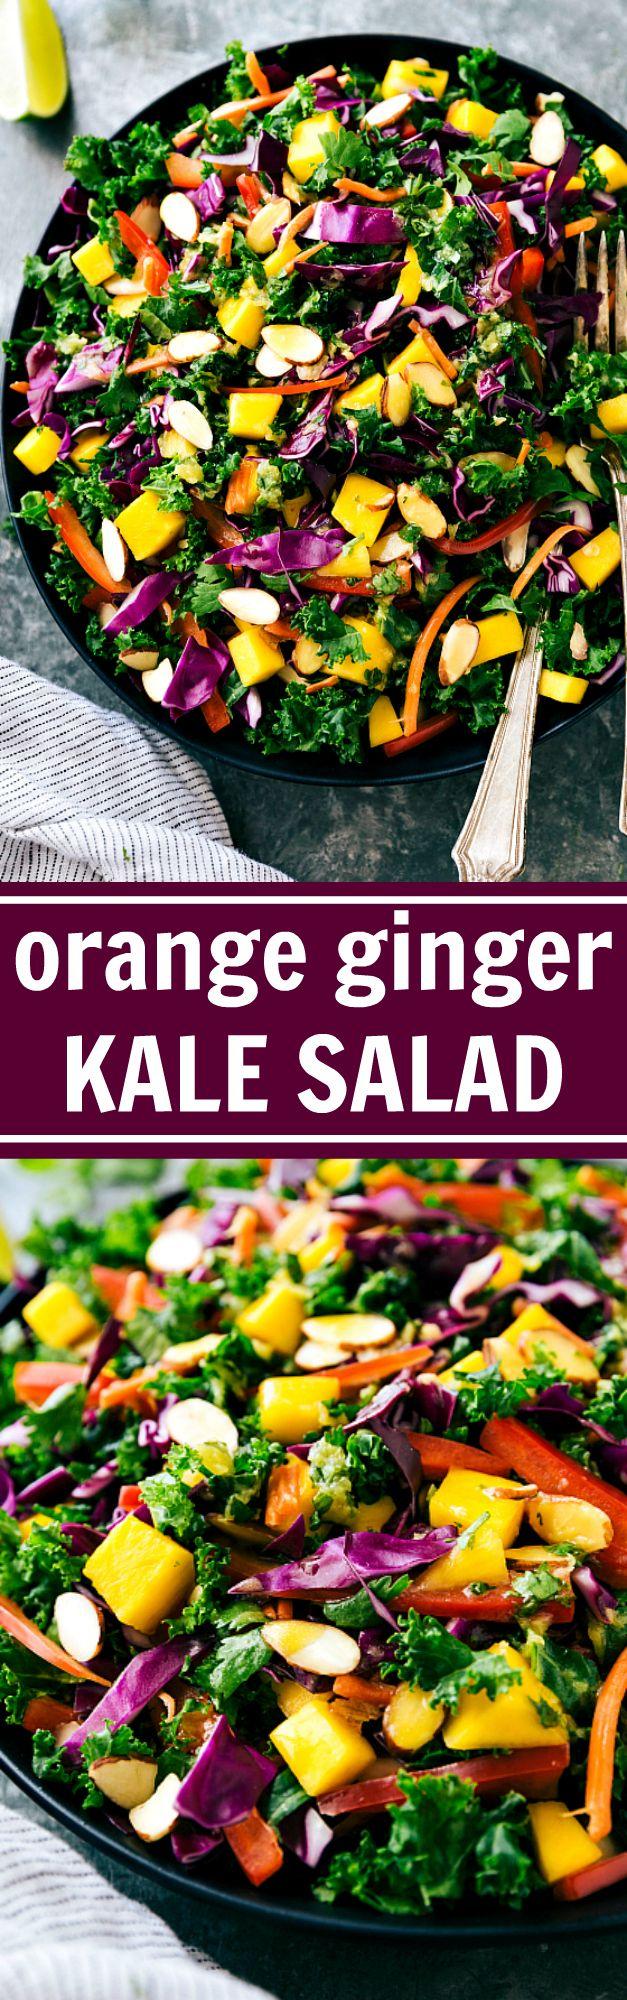 Orange Ginger Kale Salad with Chicken Veggie Kabobs